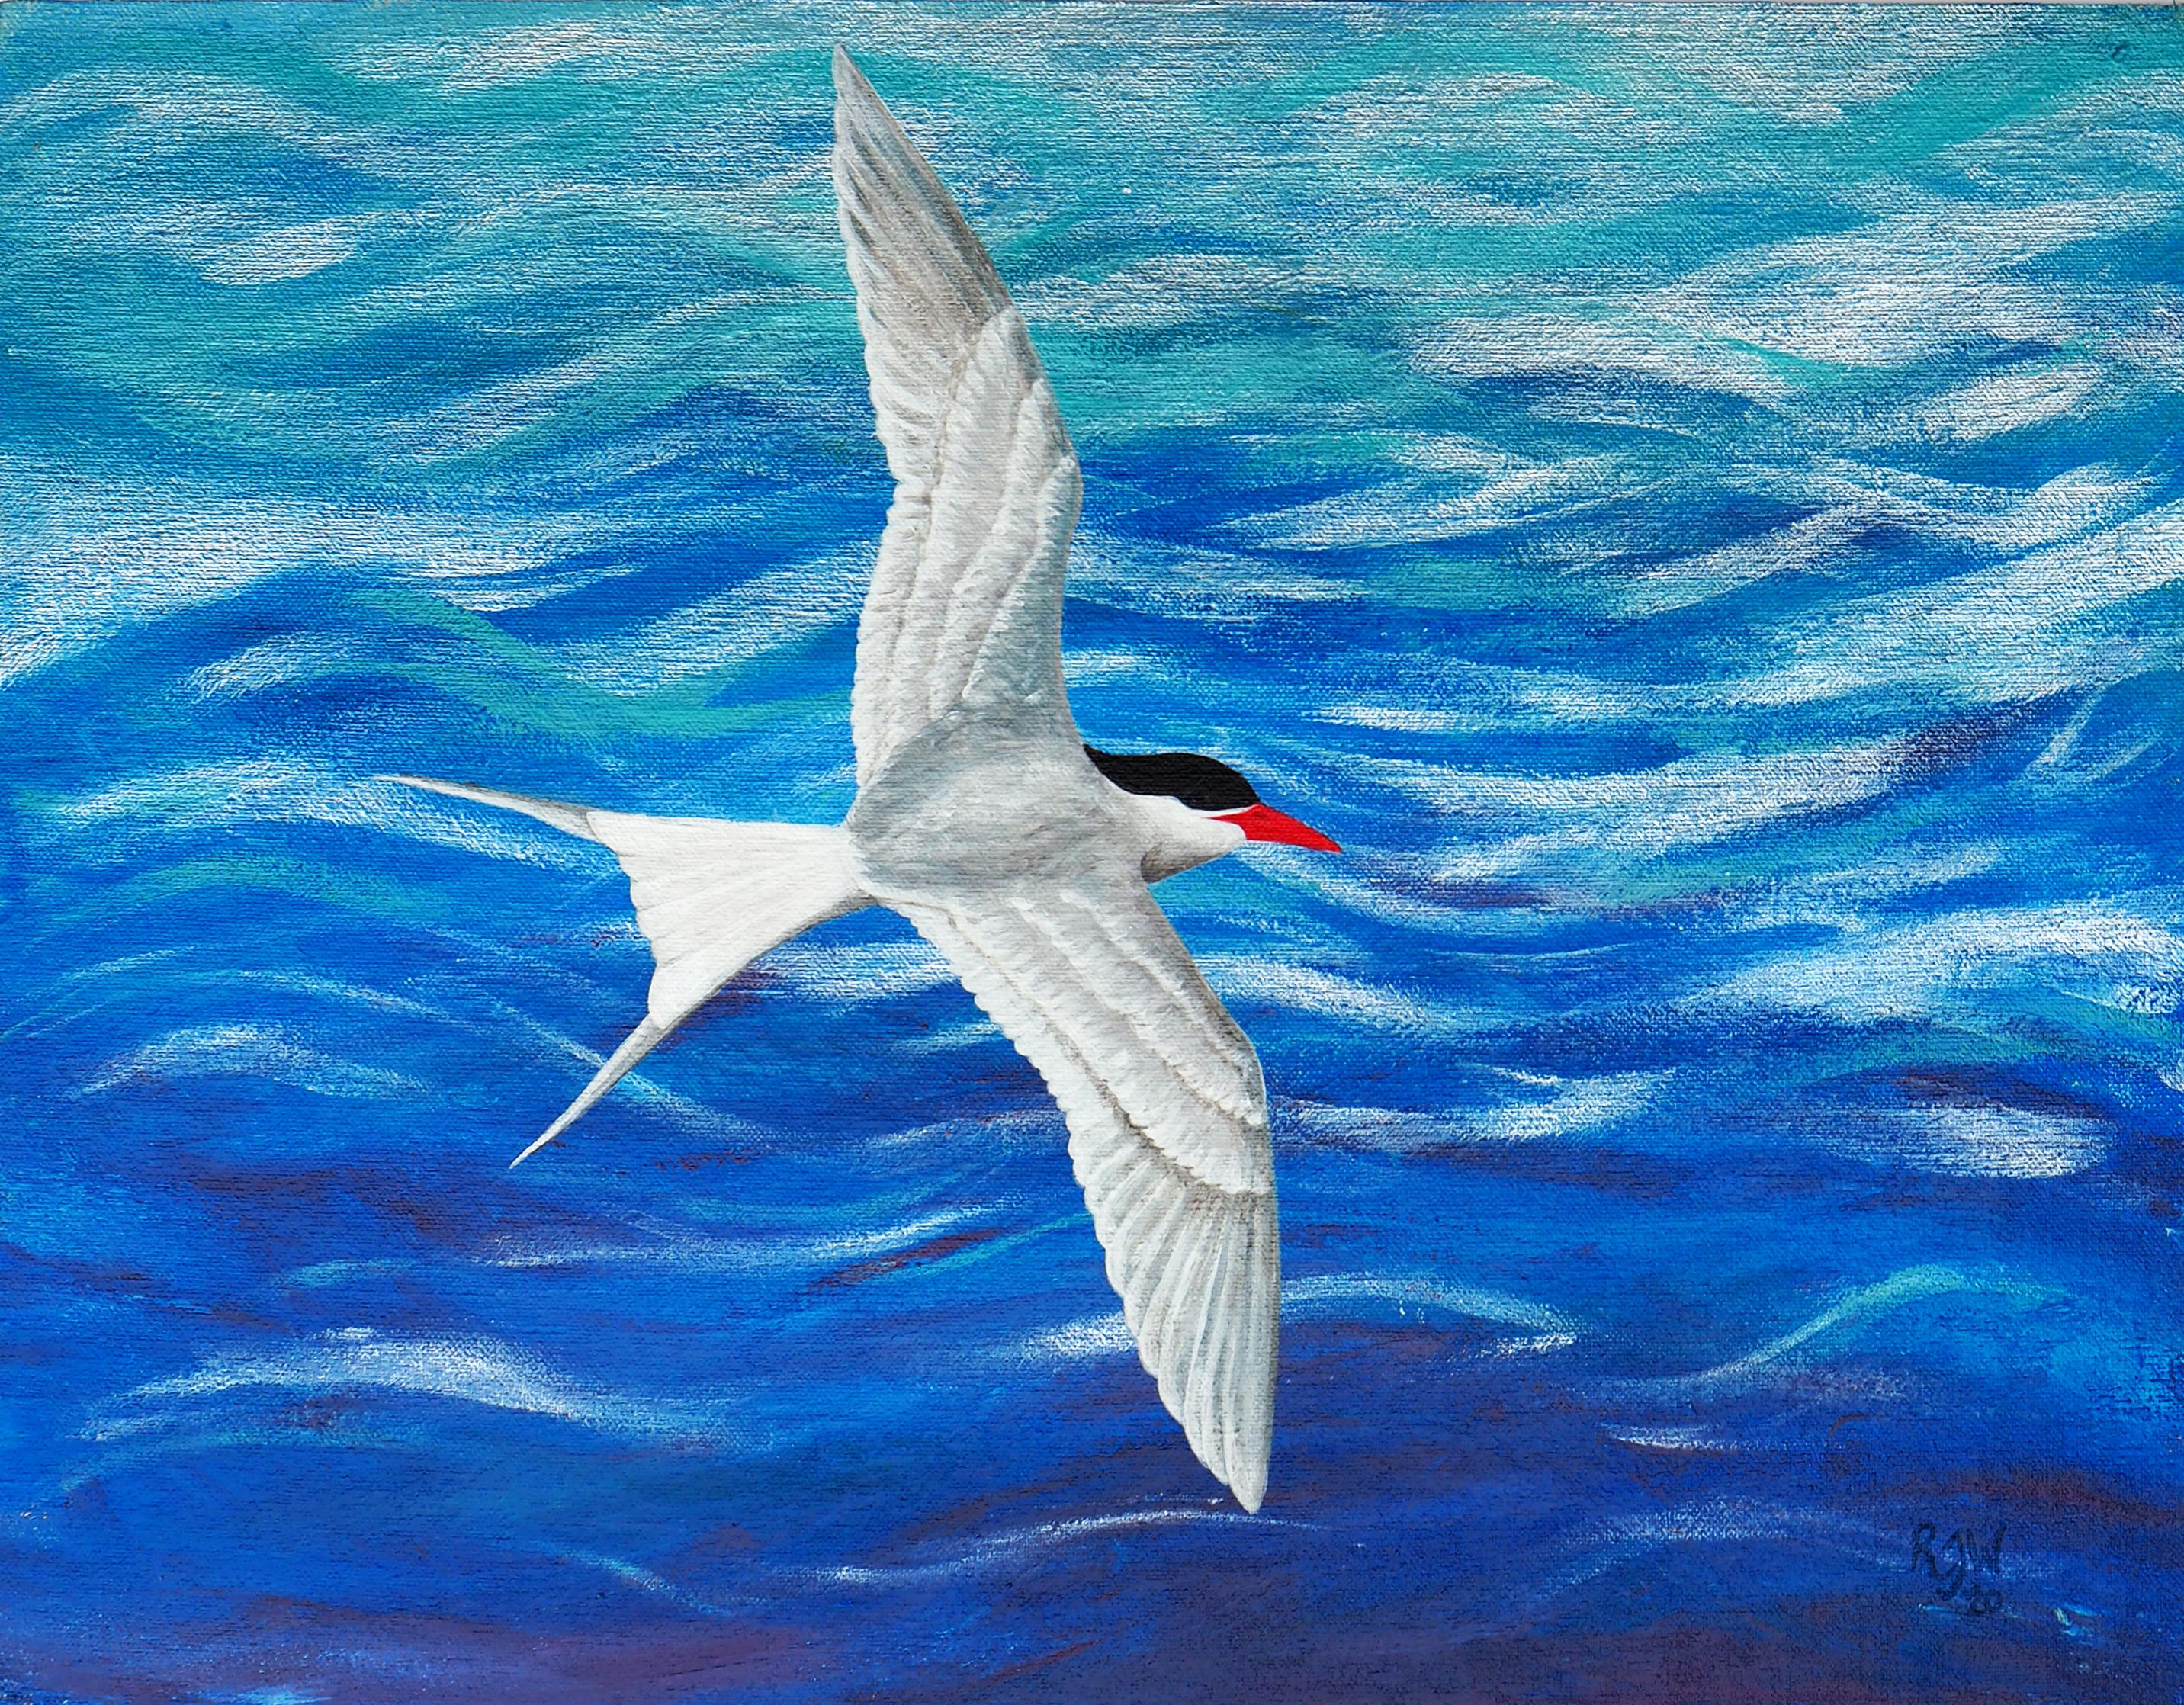 Tern at Sea